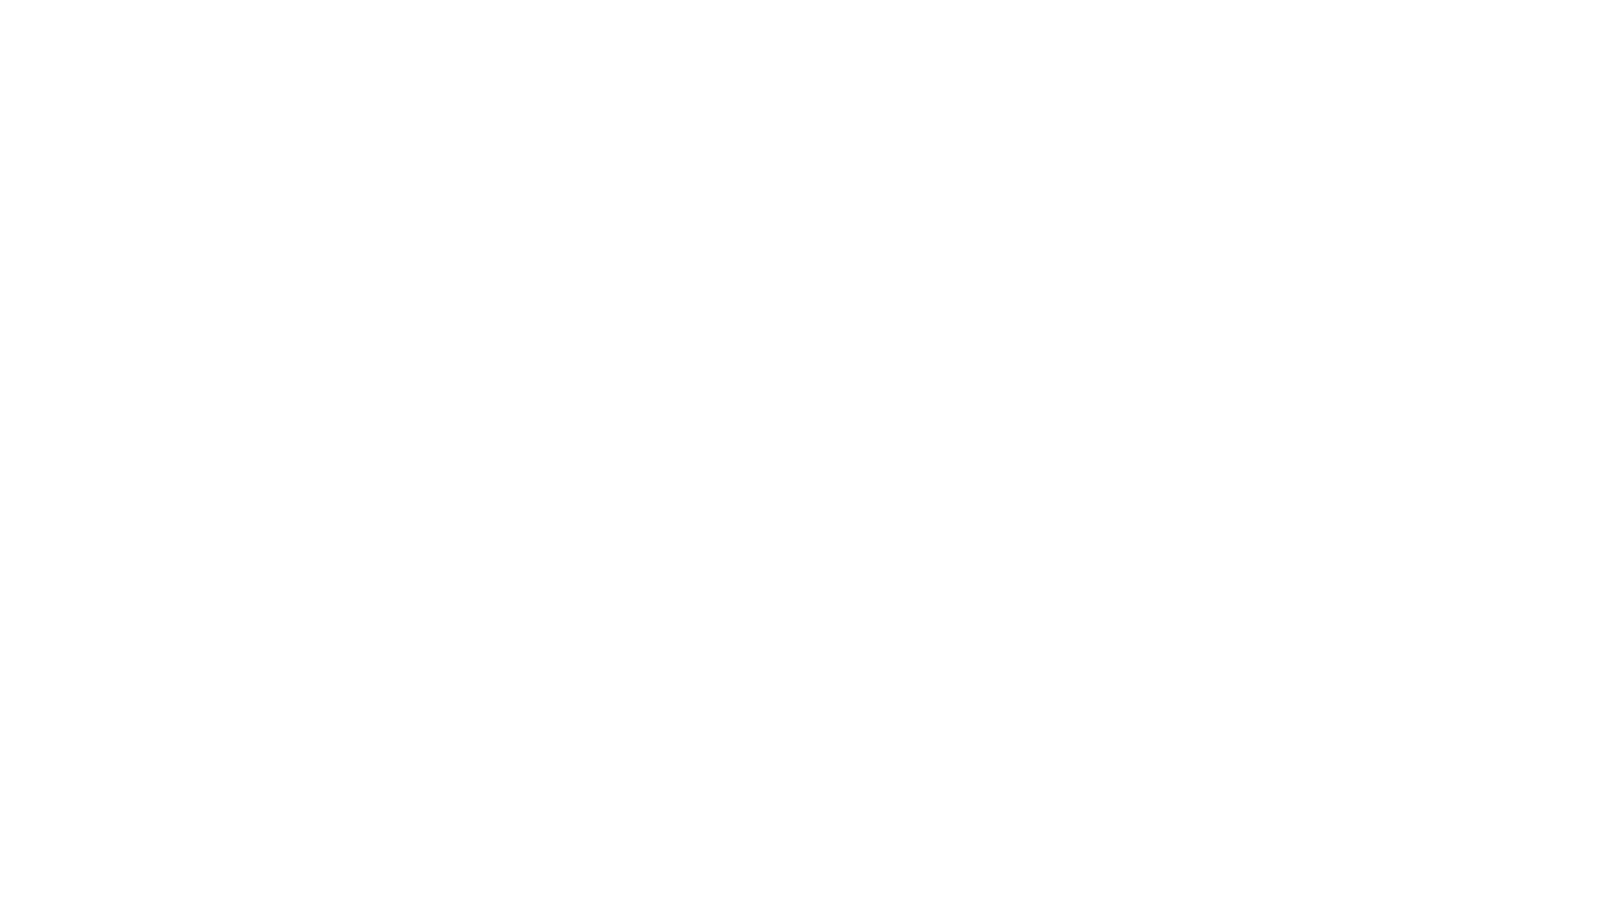 """Montaggio di diversi video che vedono protagonisti gli alunni del corso ad Indirizzo Musicale dell'I.C. """"Santa Chiara"""" di Brindisi."""